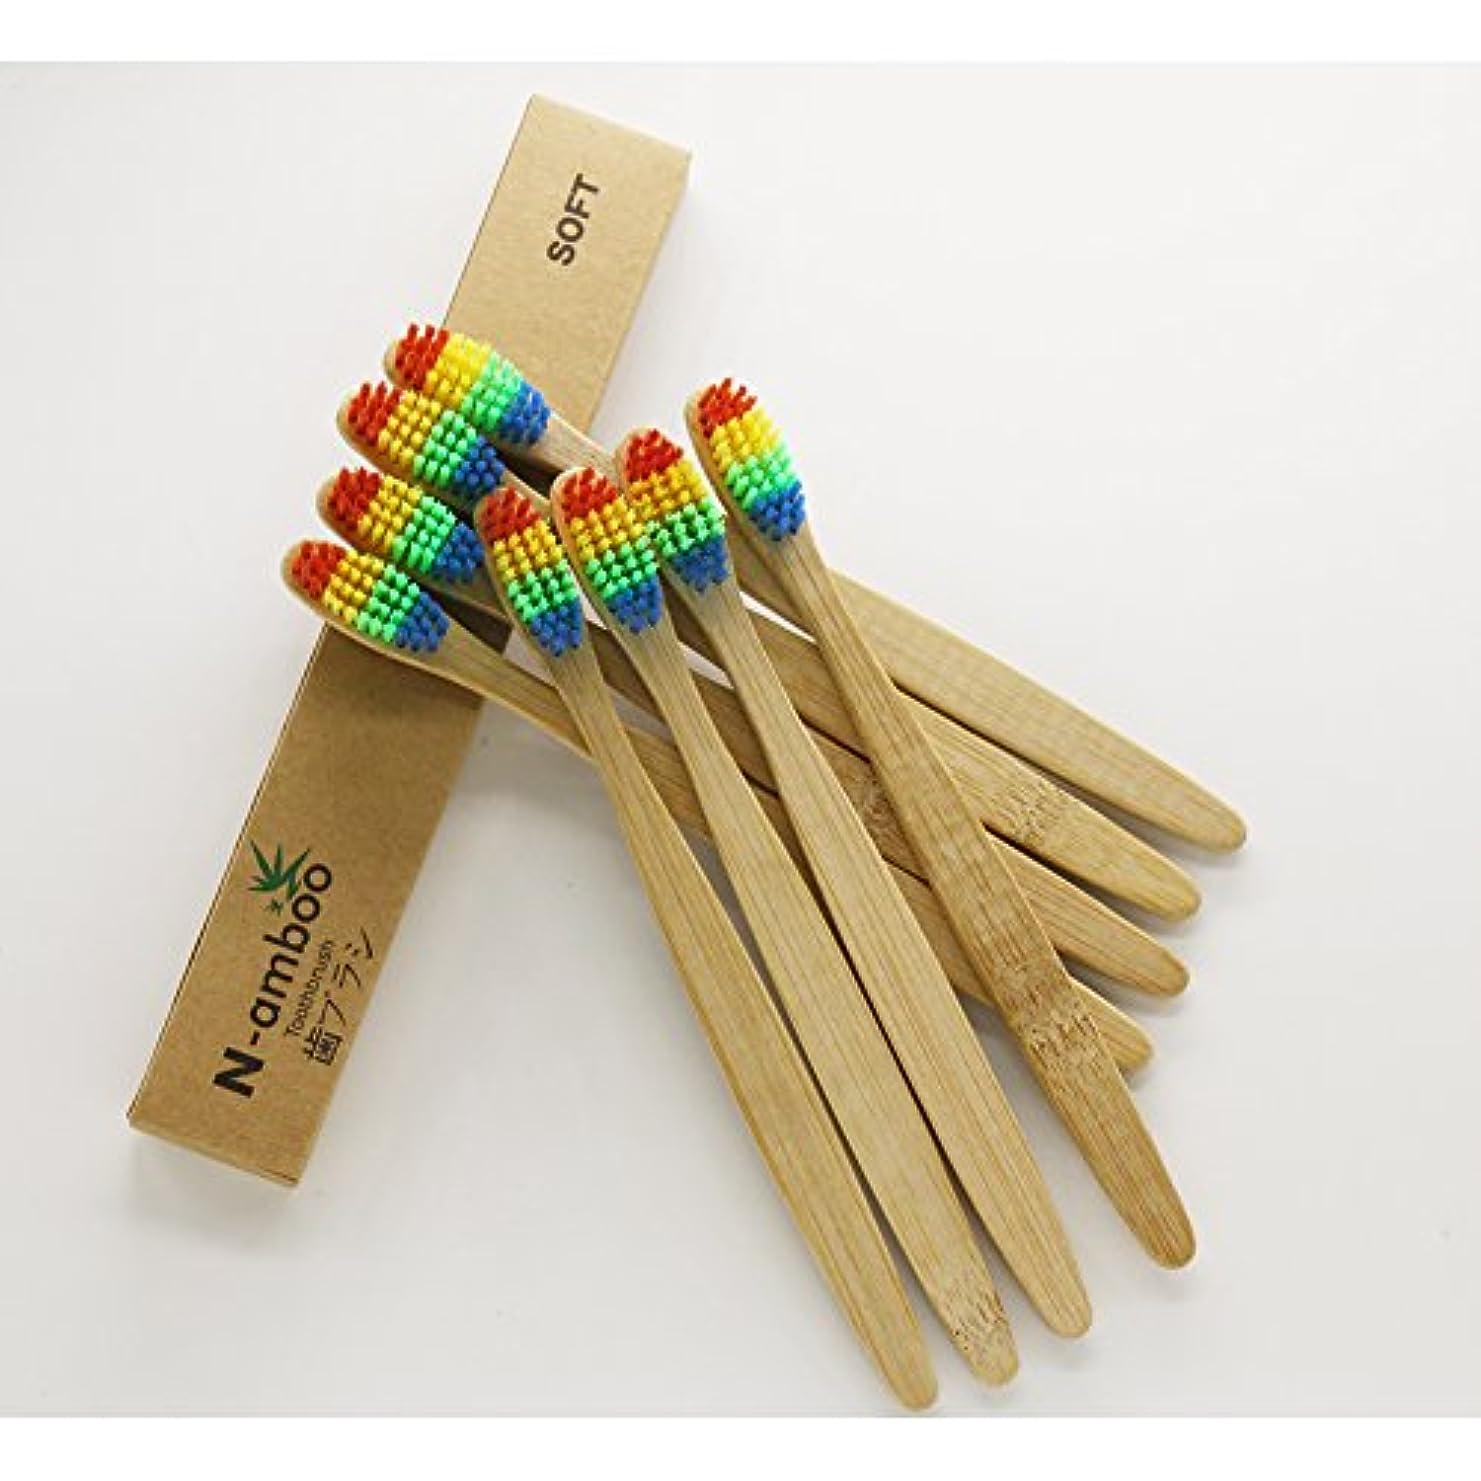 役に立つ笑い想定するN-amboo 竹製 耐久度高い 歯ブラシ 四色 虹(にじ) 8本入り ファミリー セット